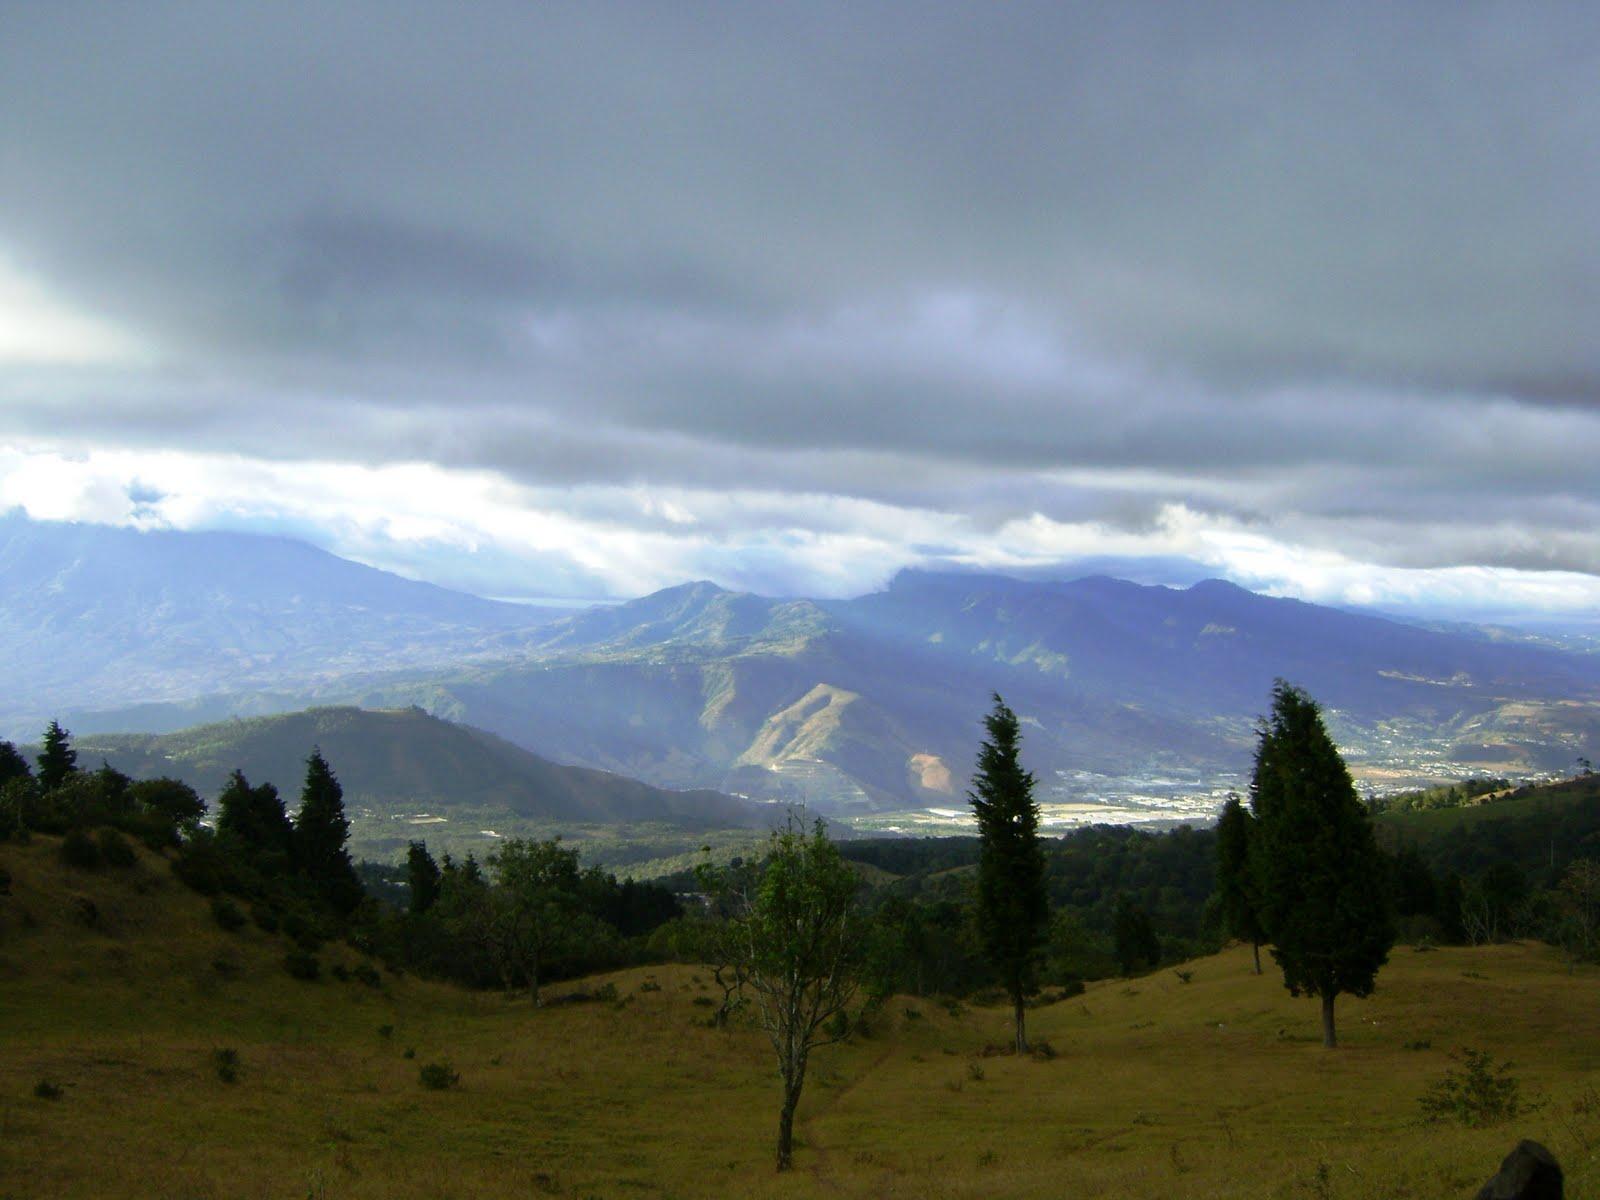 Pacaya Guatemala s erupción del volcán hace que los viajes turísticos a ser canceladas